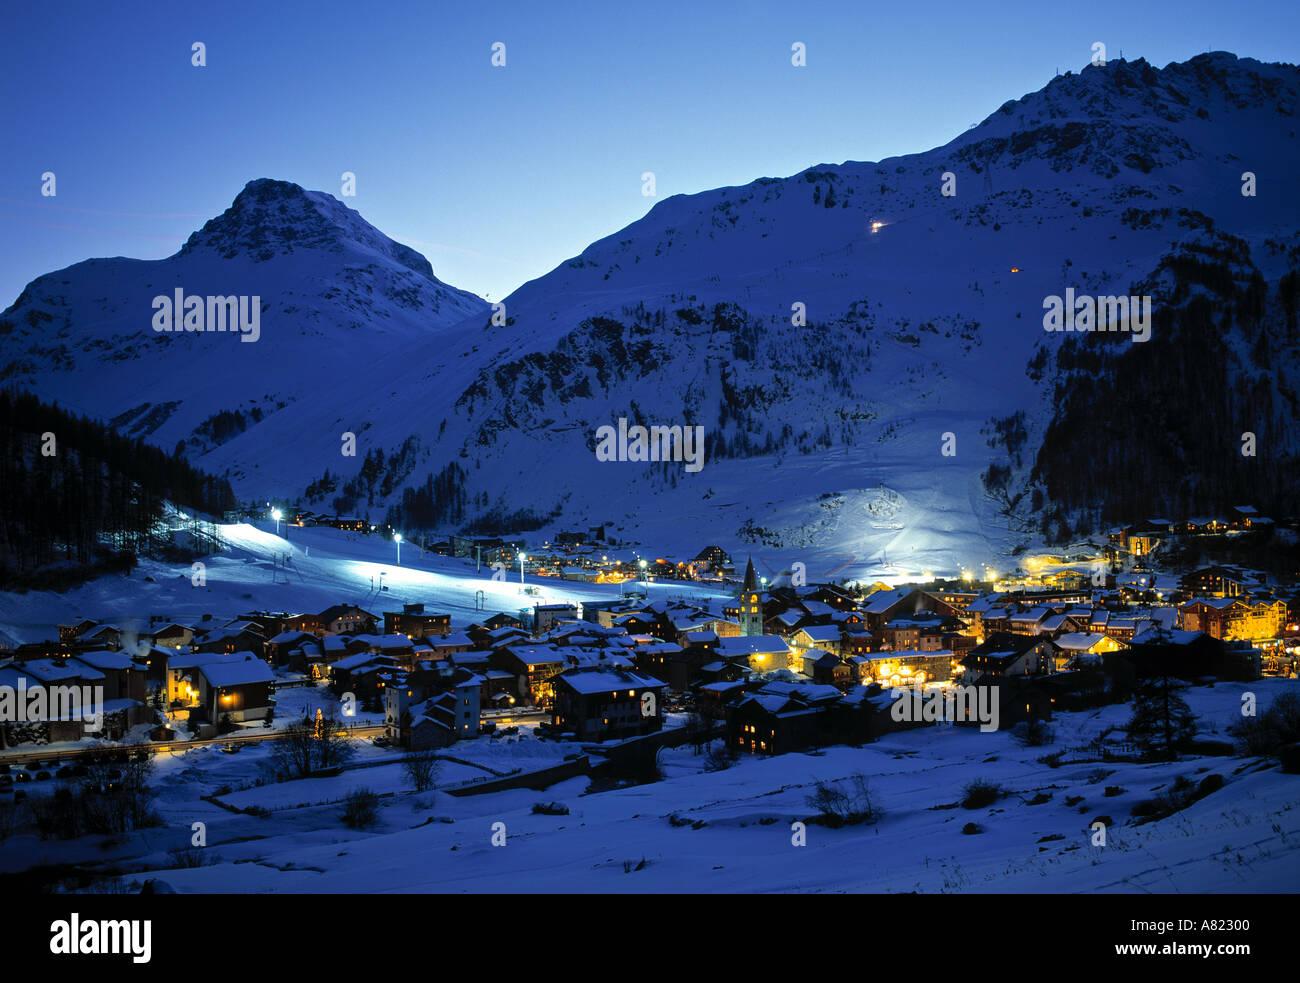 Val D'Isere, Haute Savoie, France - Stock Image